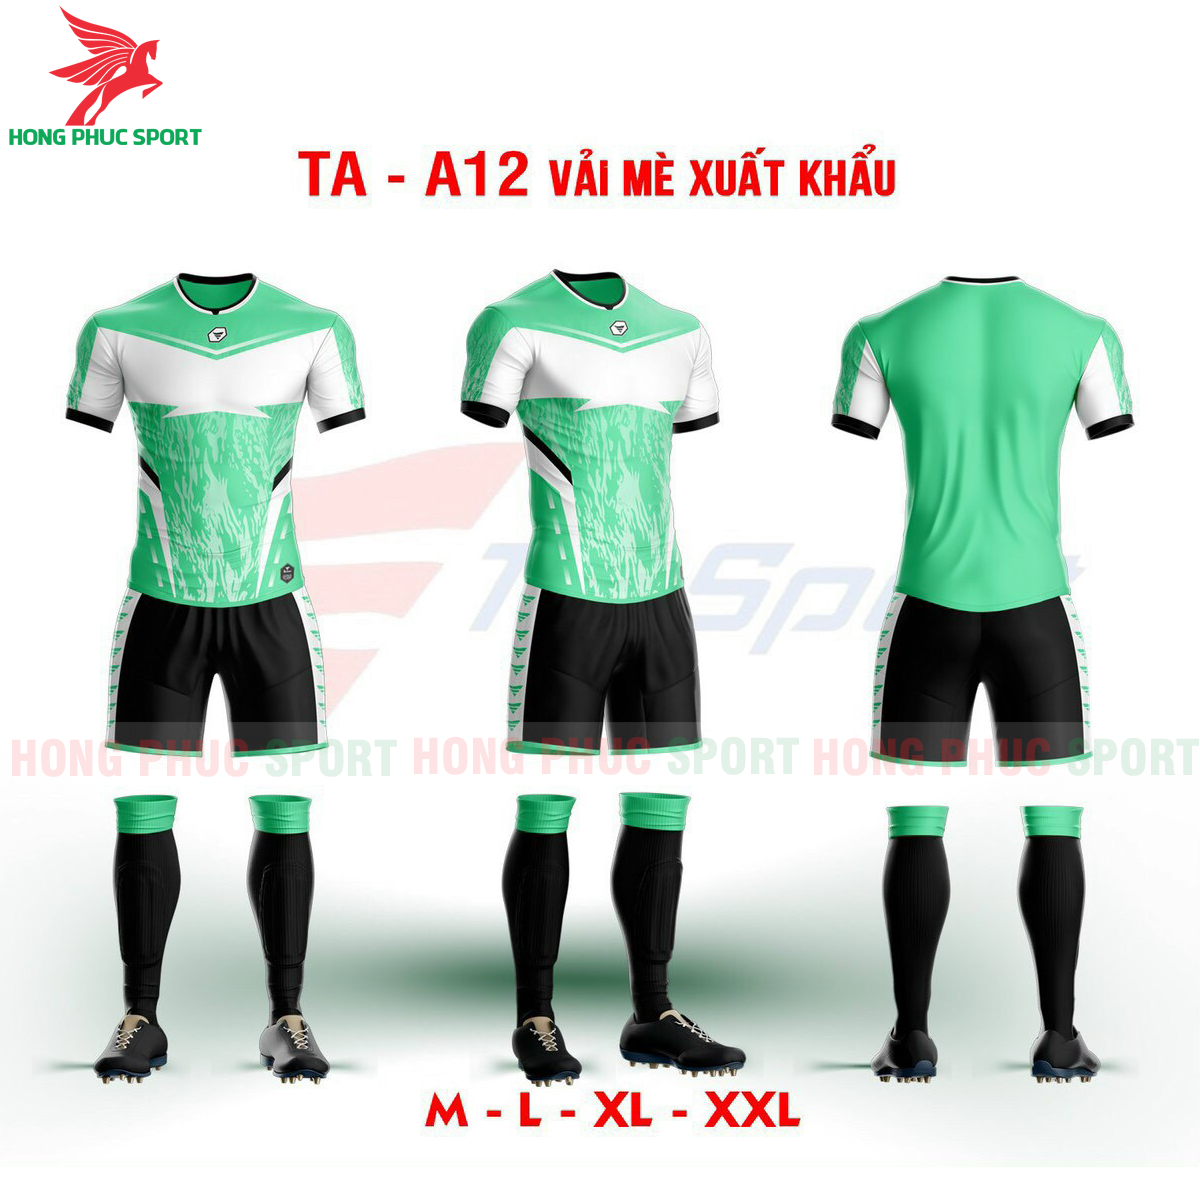 Áo bóng đá không logo TA-A12màu Xanh lá